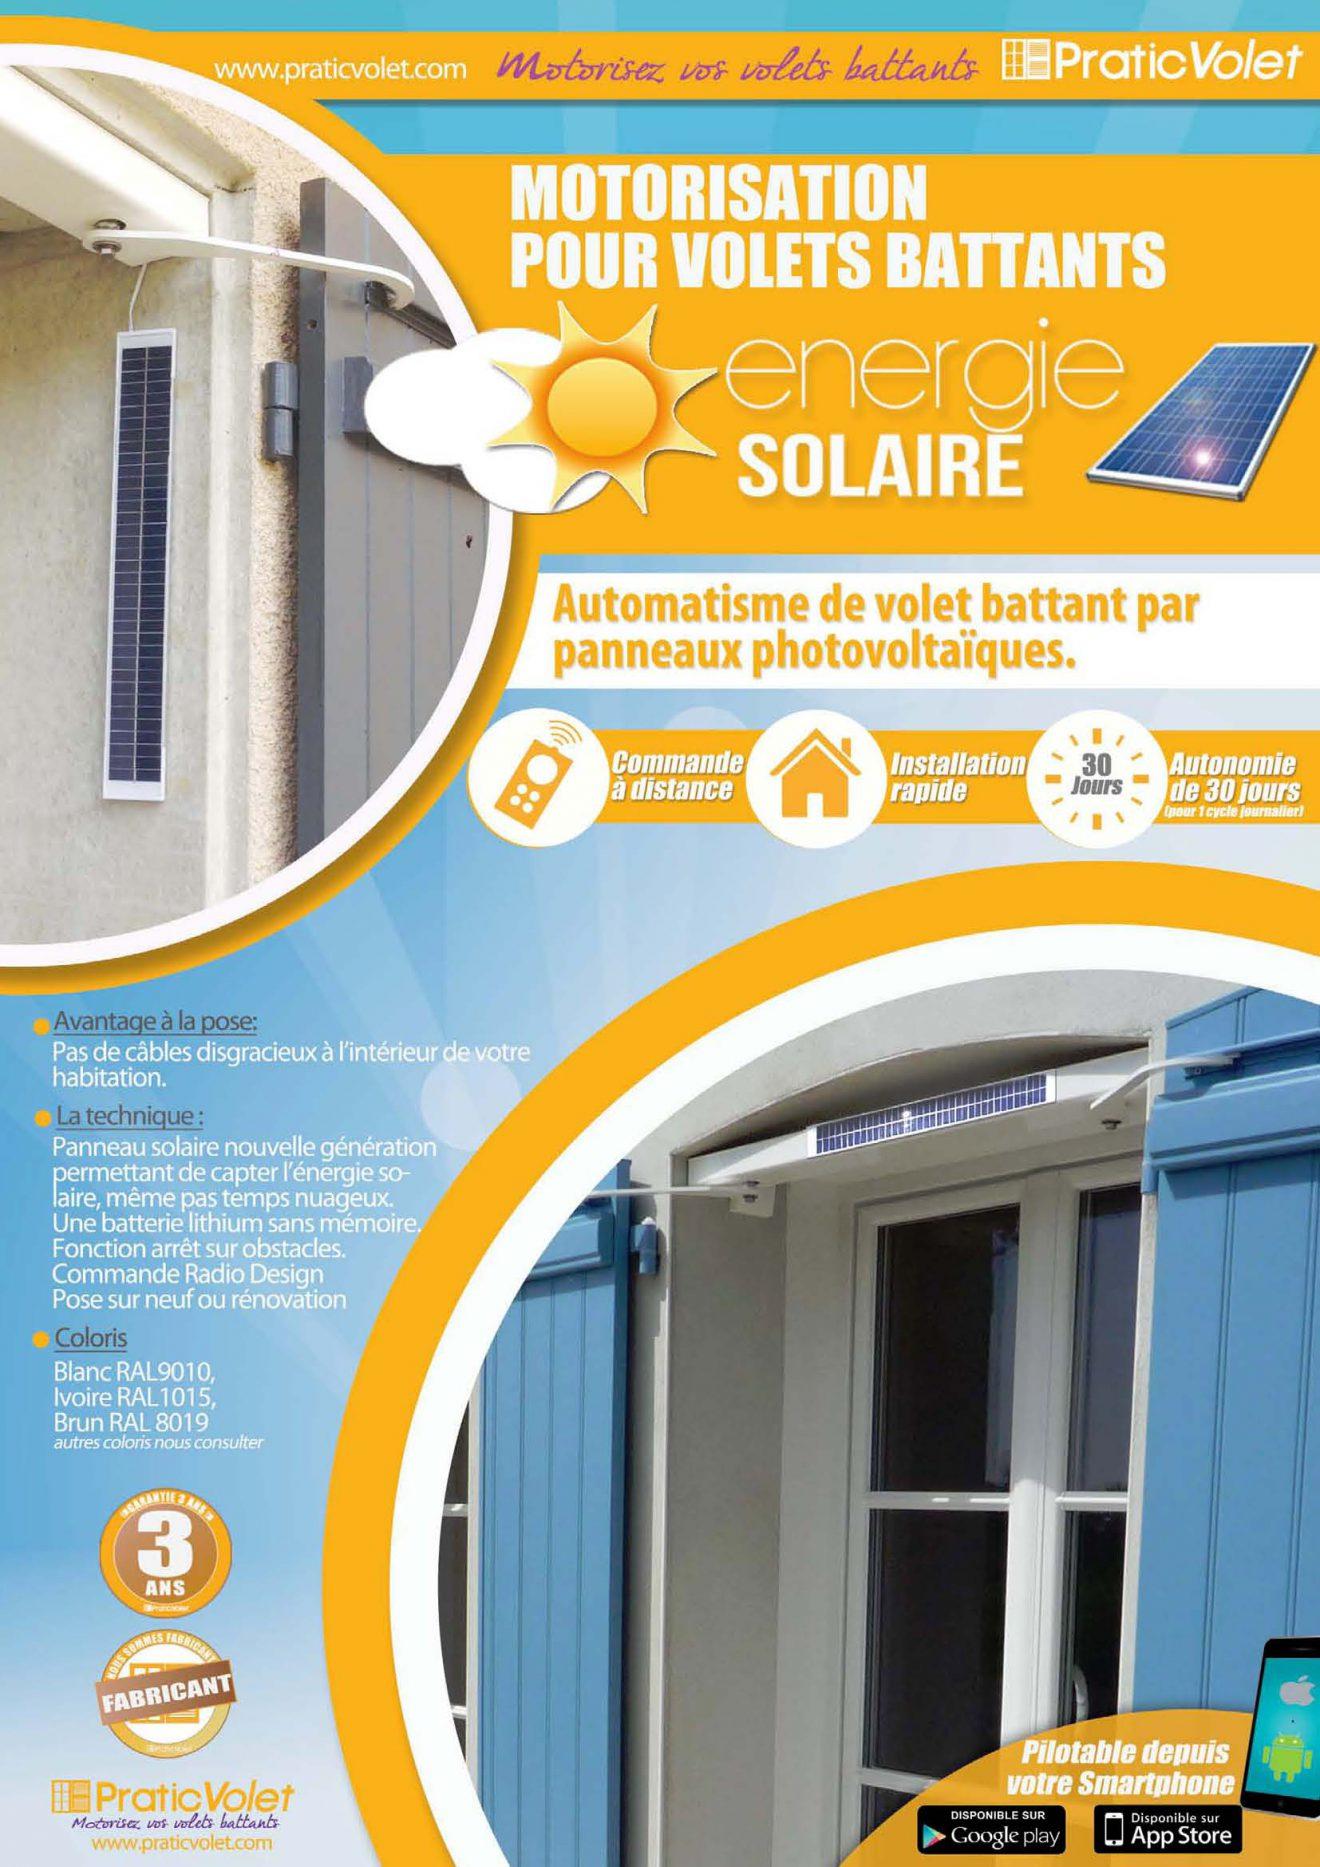 Pratic_Volet_depliant_solaire_Page_1